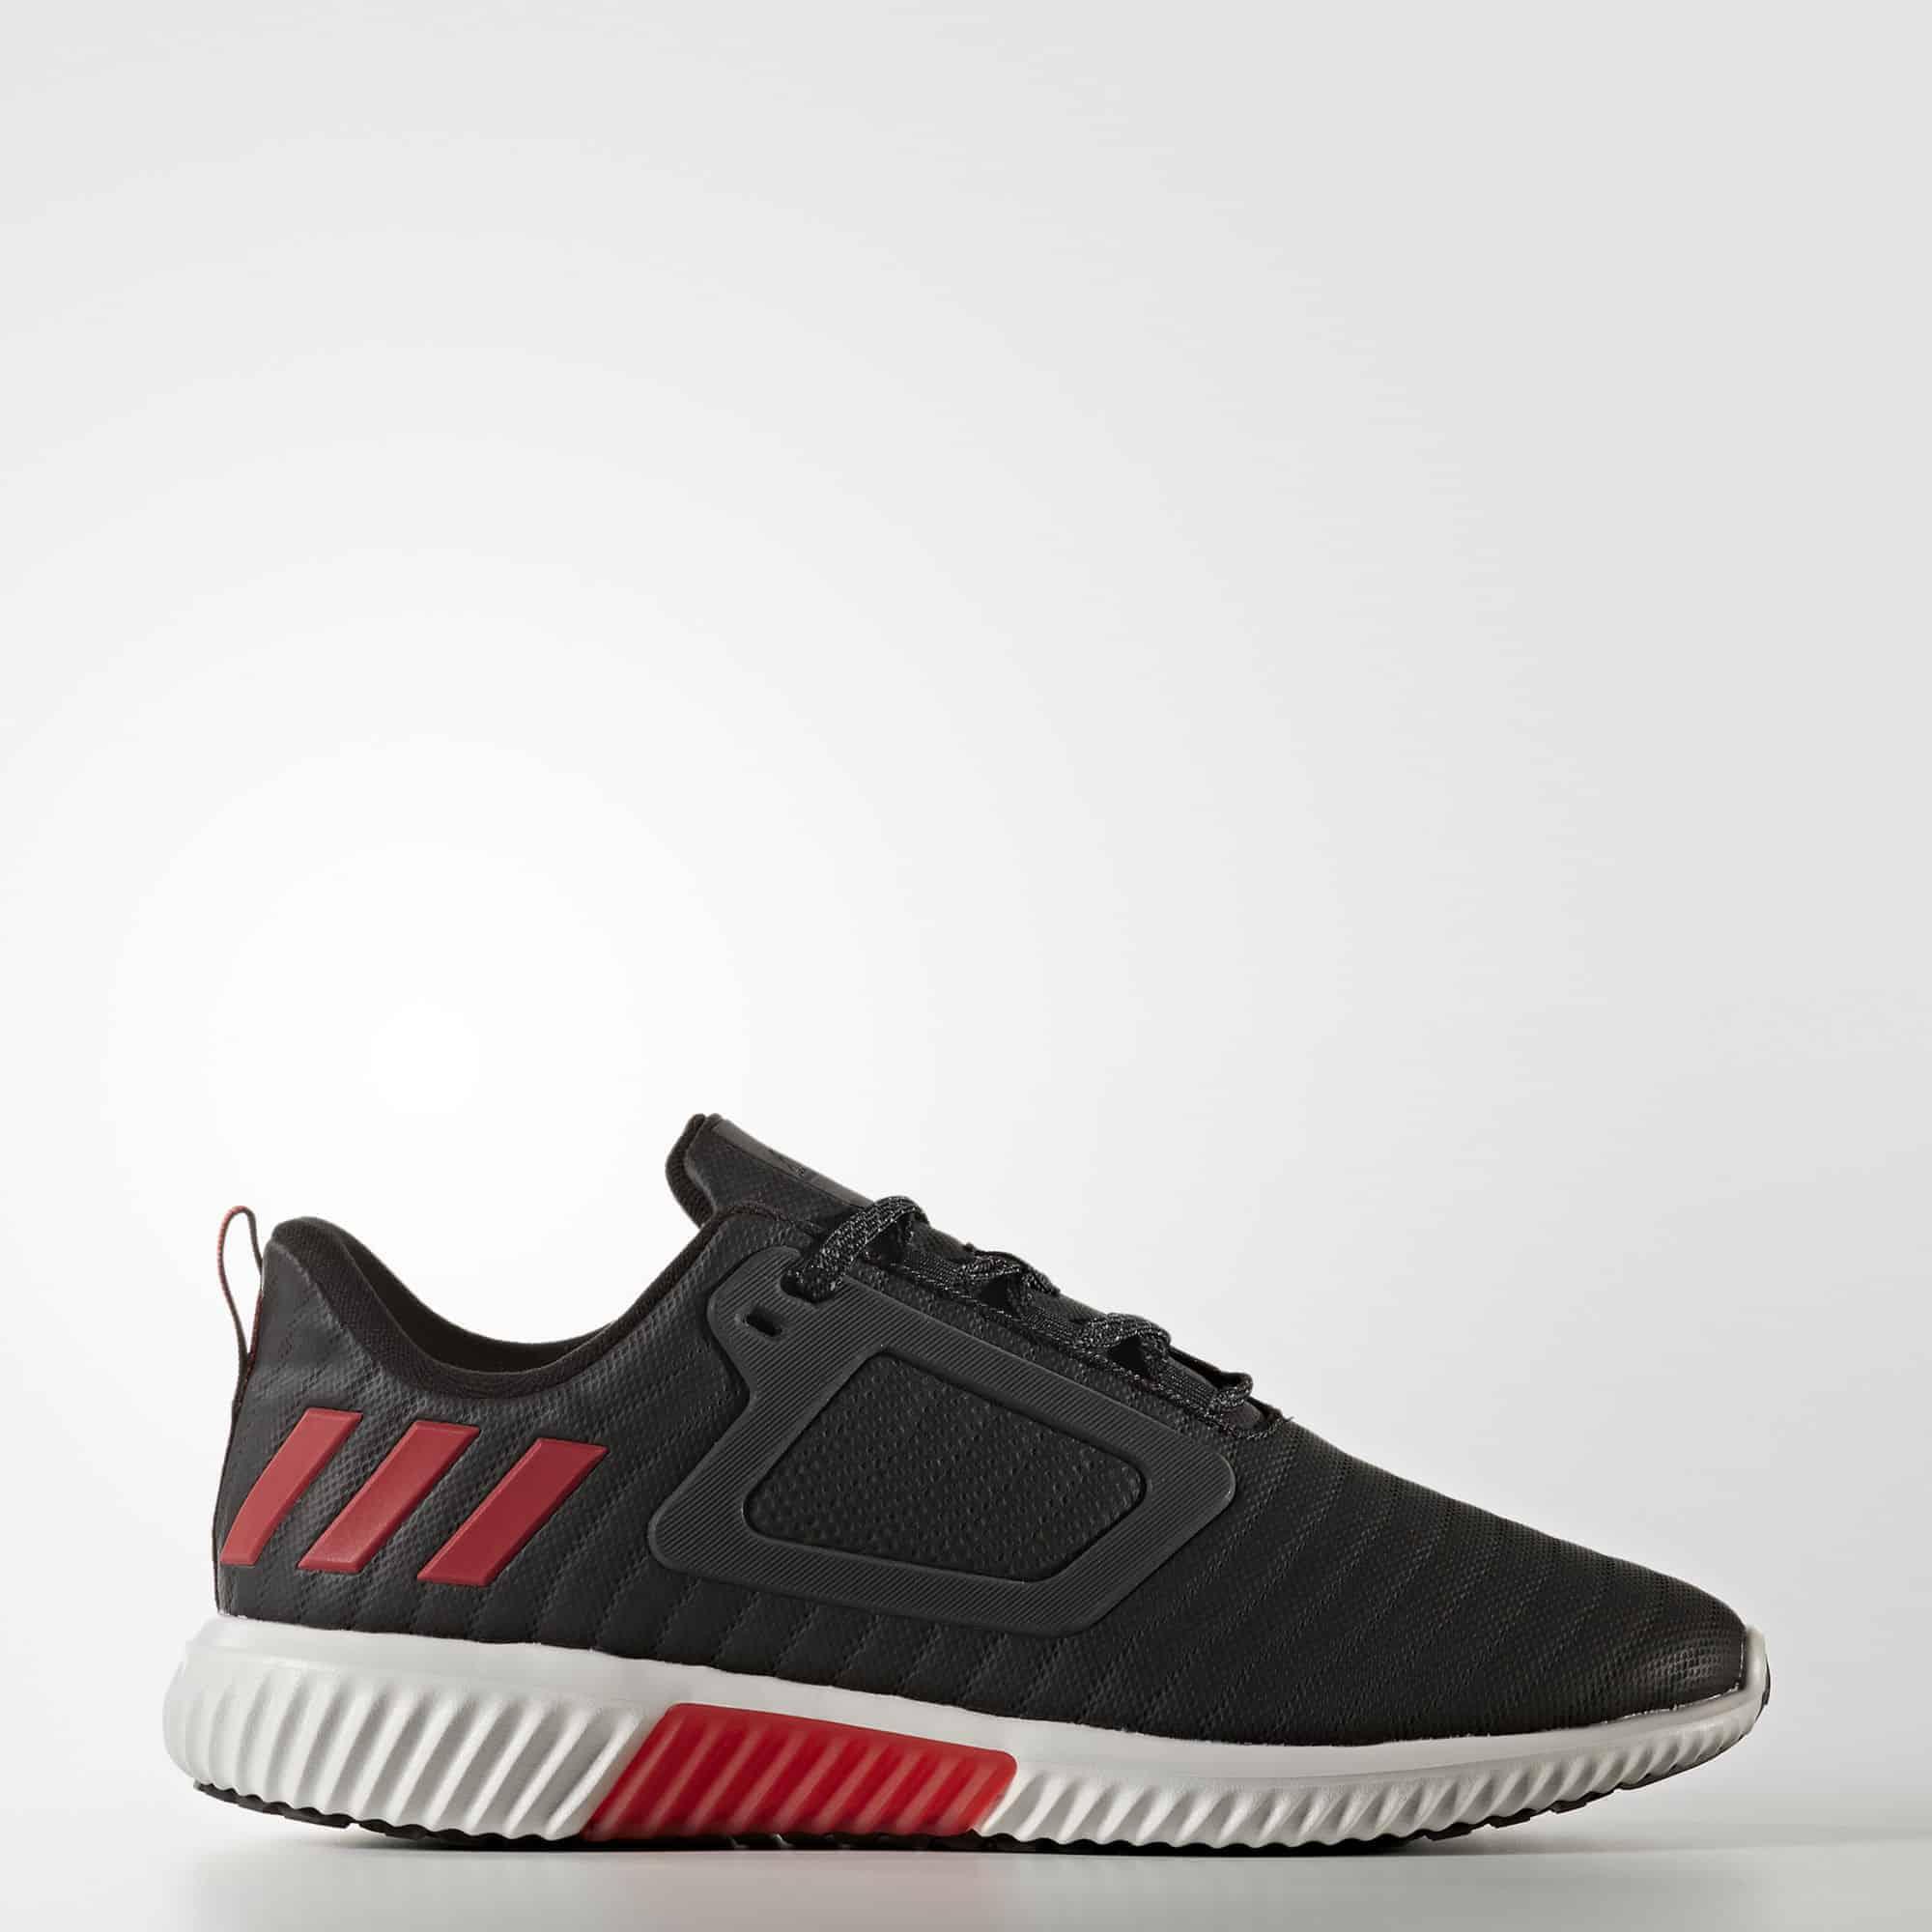 Кроссовки для бега Adidas Climaheat All Terrain мужские